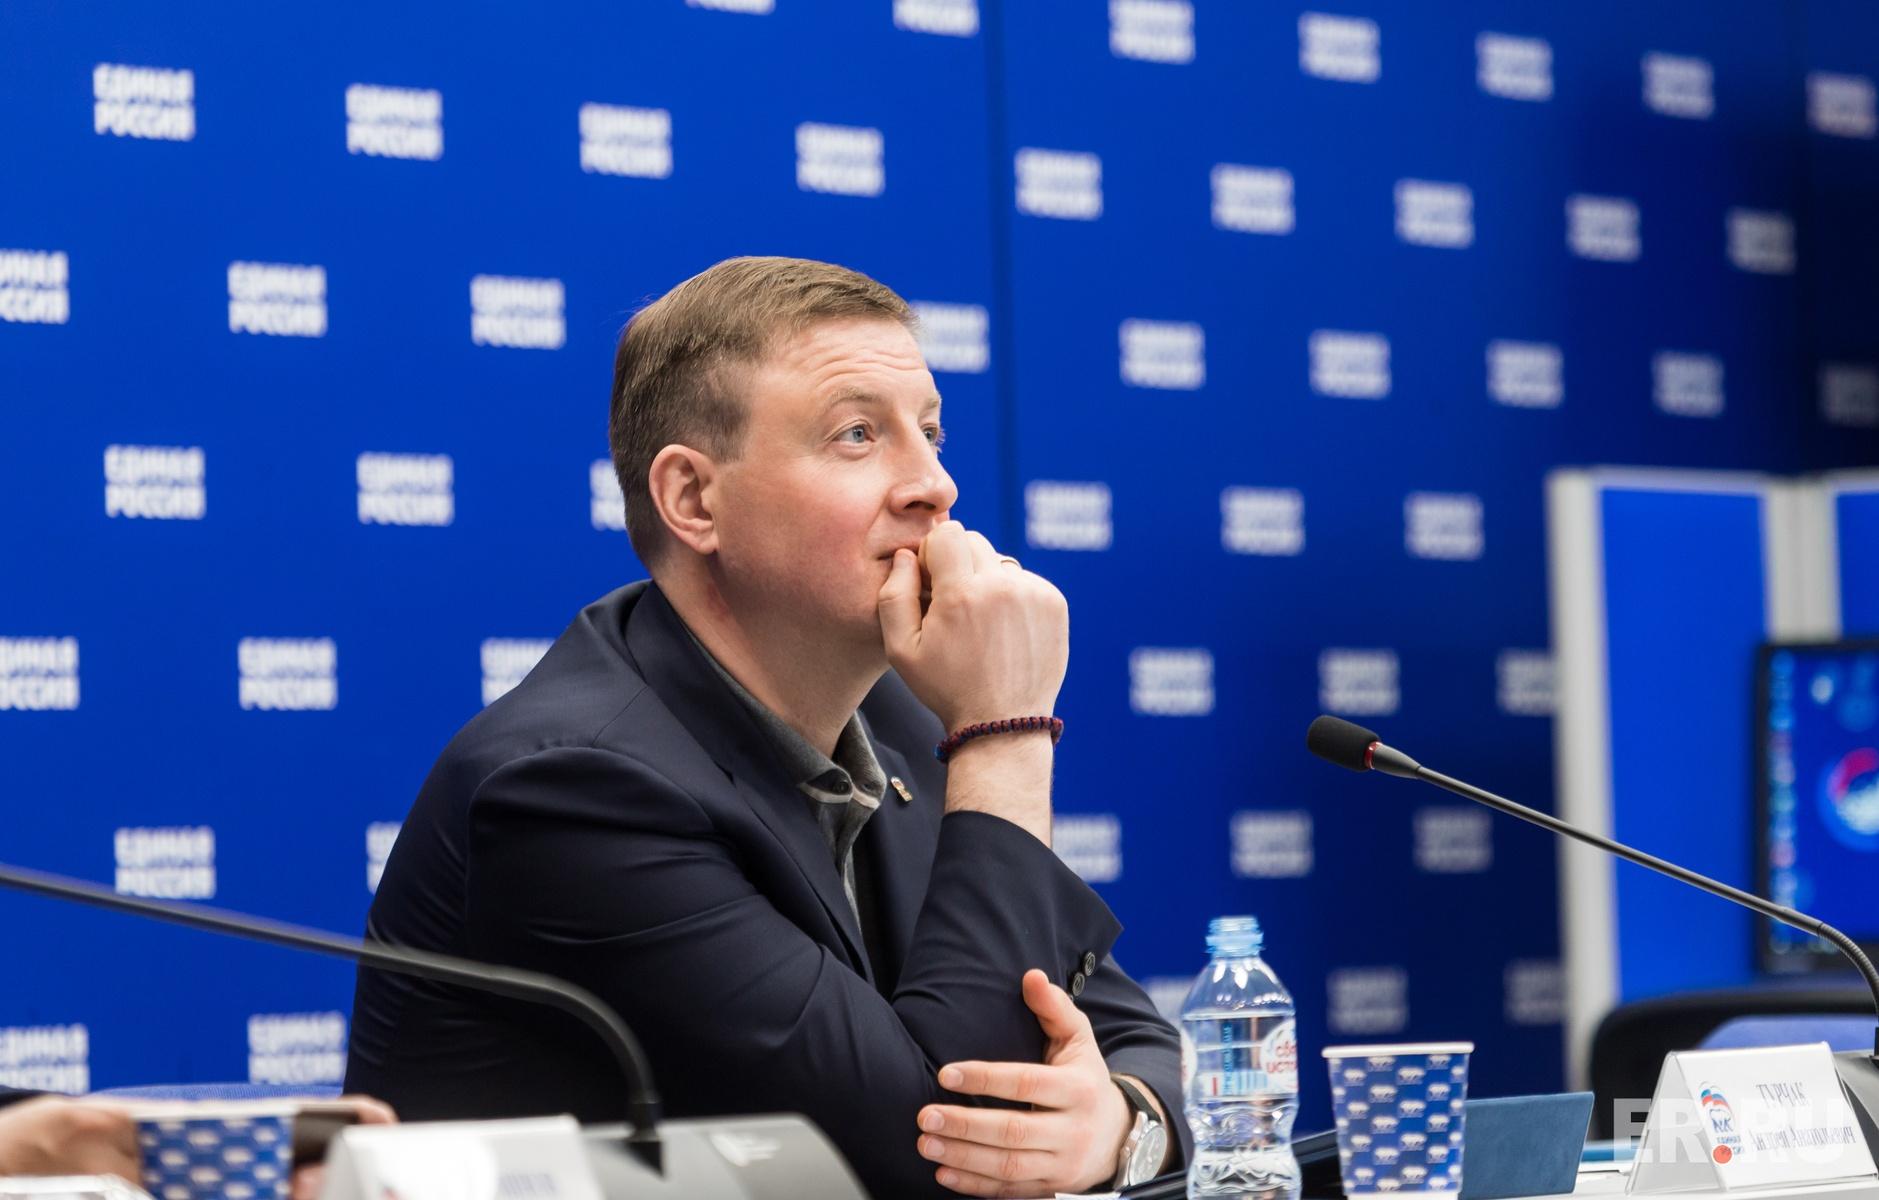 Онлайн-совещание Дмитрия Медведева с региональными отделениями партии, посвященное подведению итогов электронного предварительного голосования